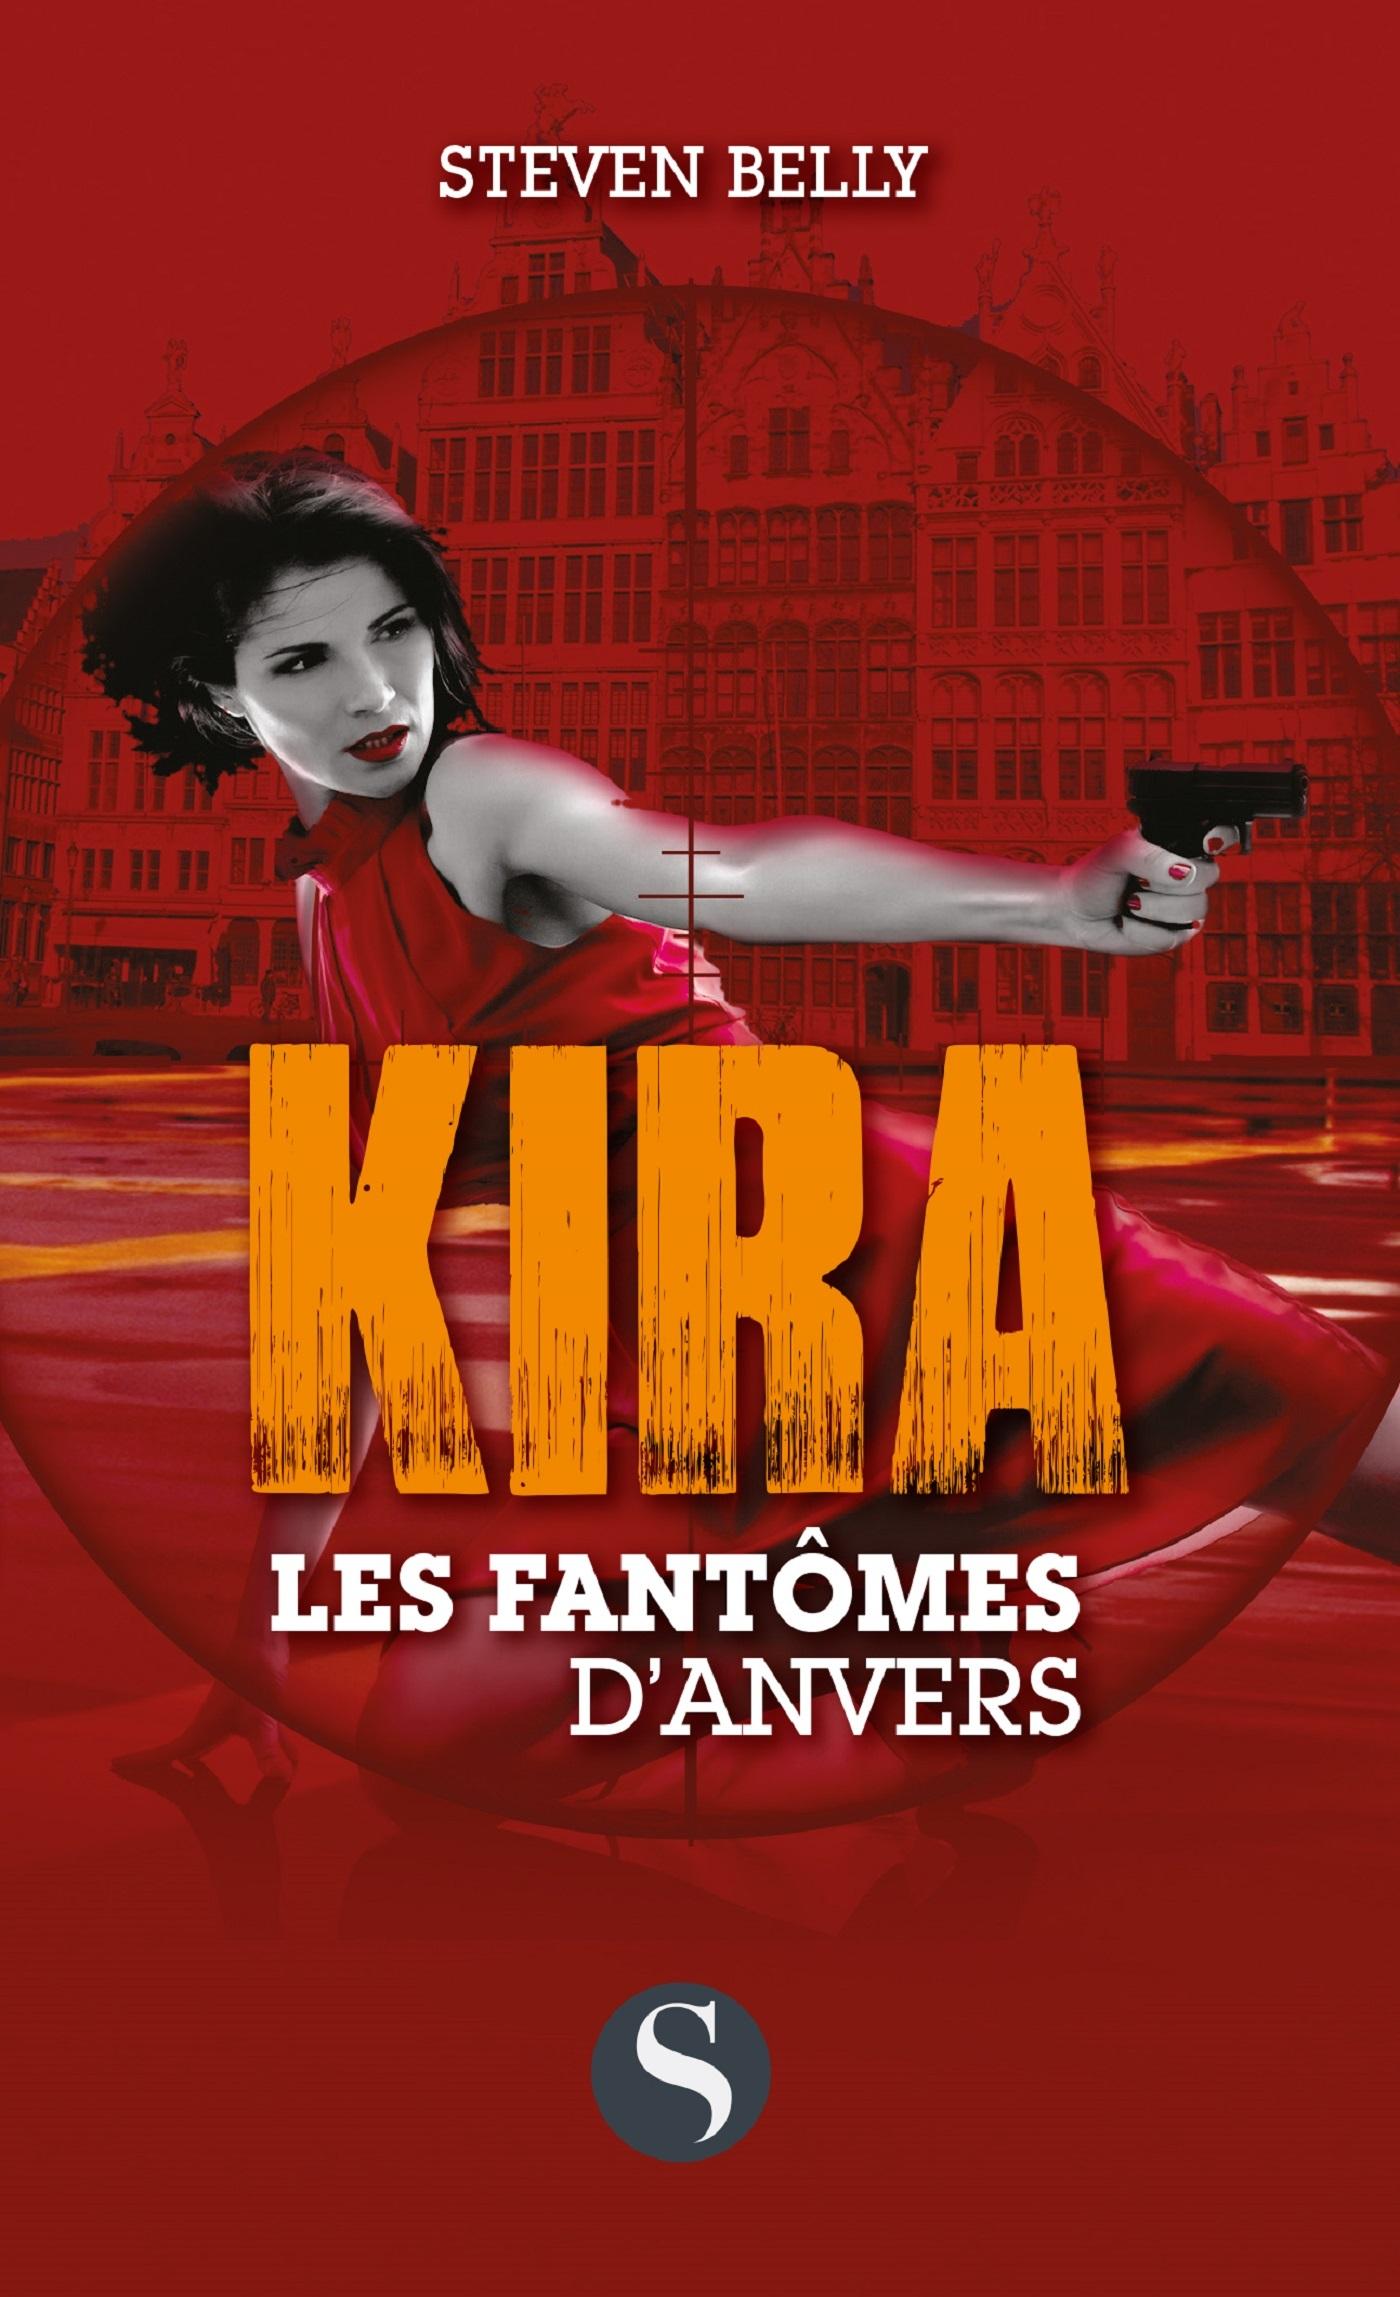 FANTOMES D'ANVERS